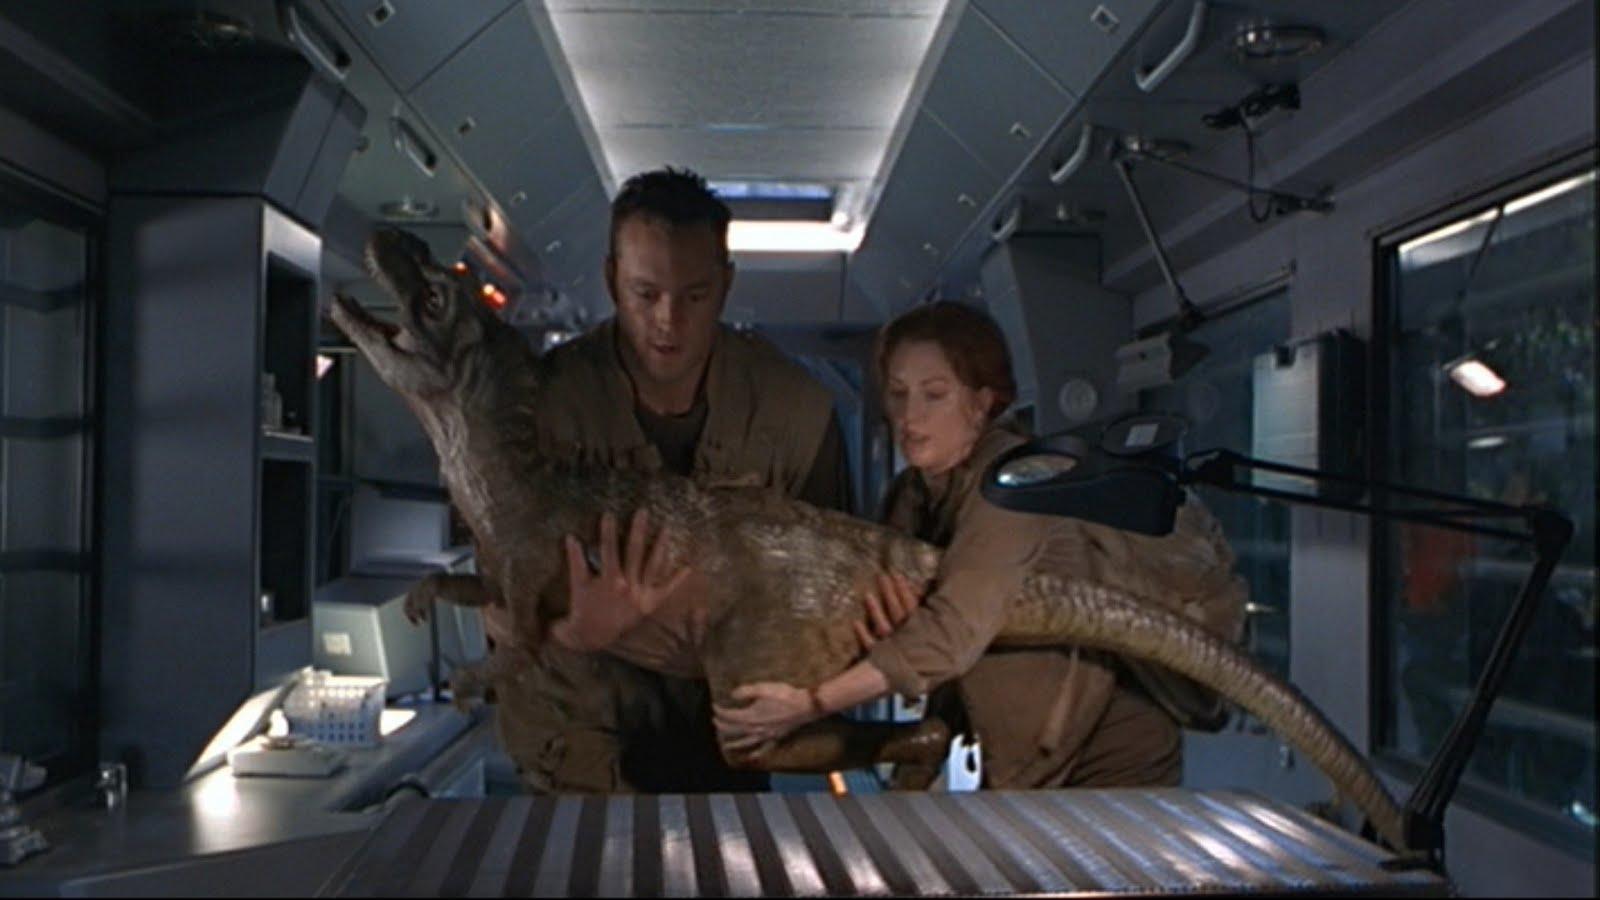 Il mondo perduto - Jurassic Park: il cucciolo di T-Rex